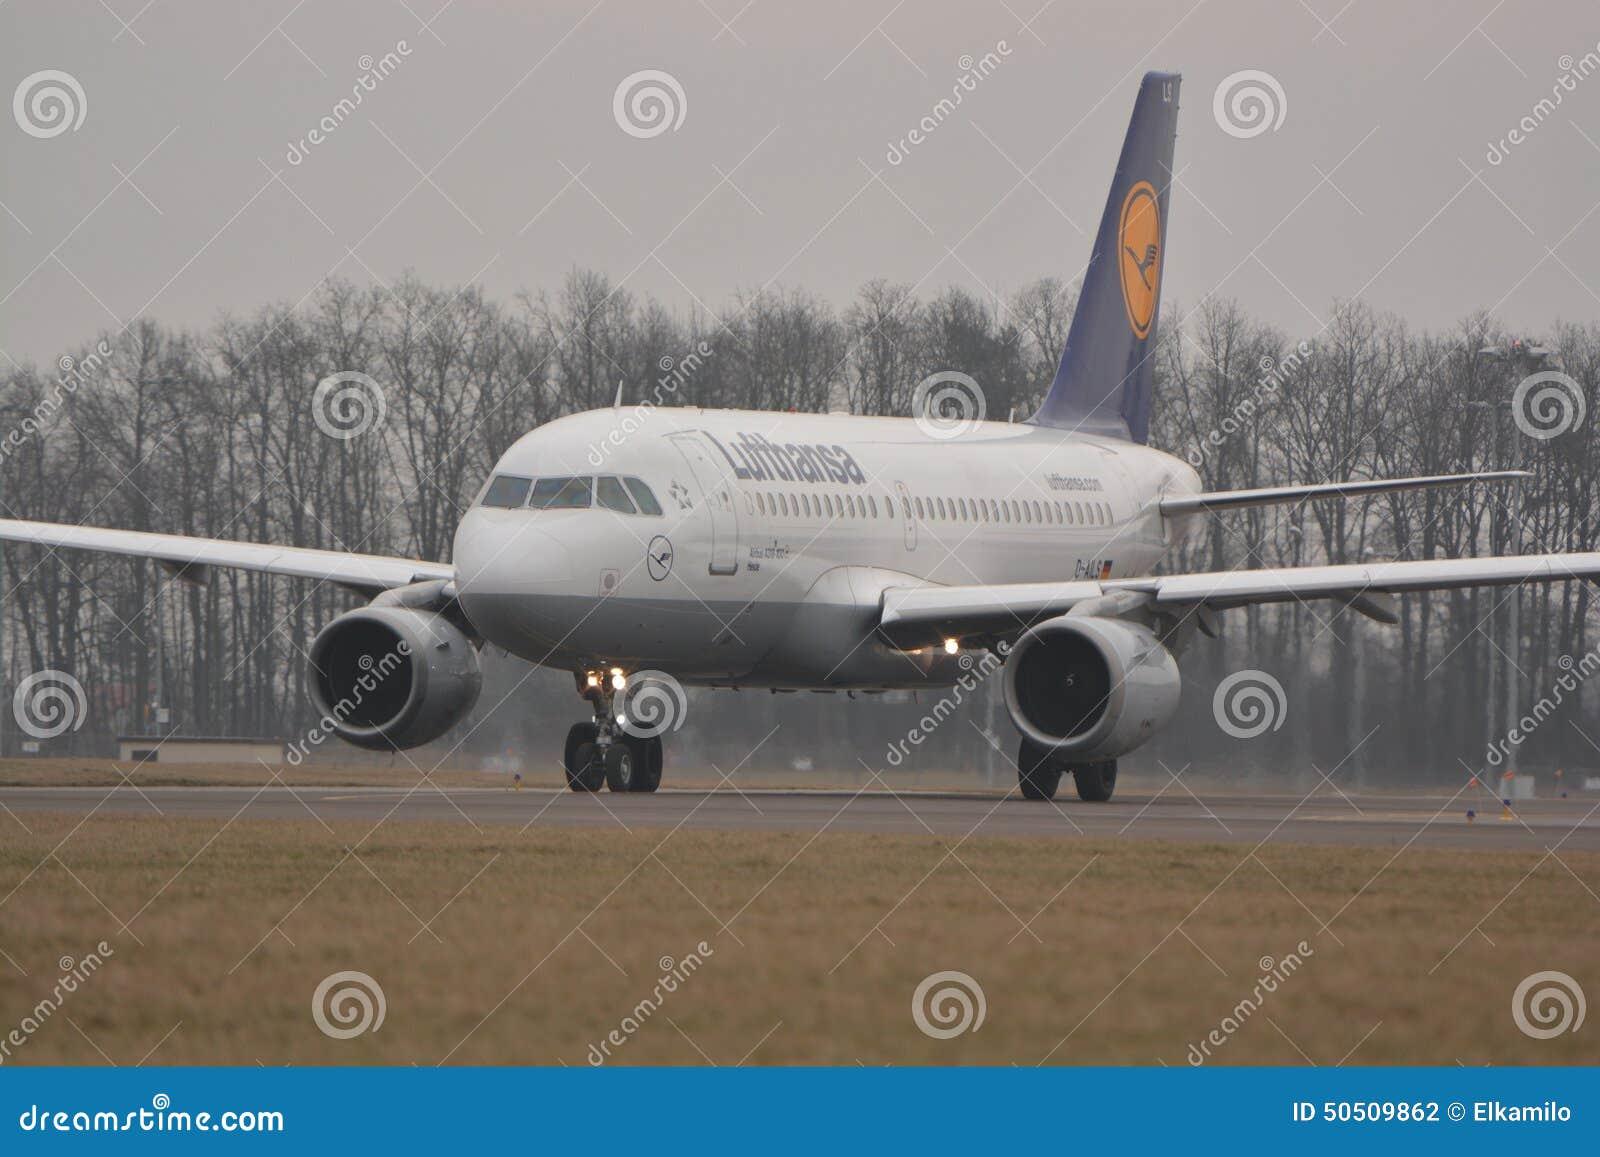 汉莎航空公司飞机 图库摄影片